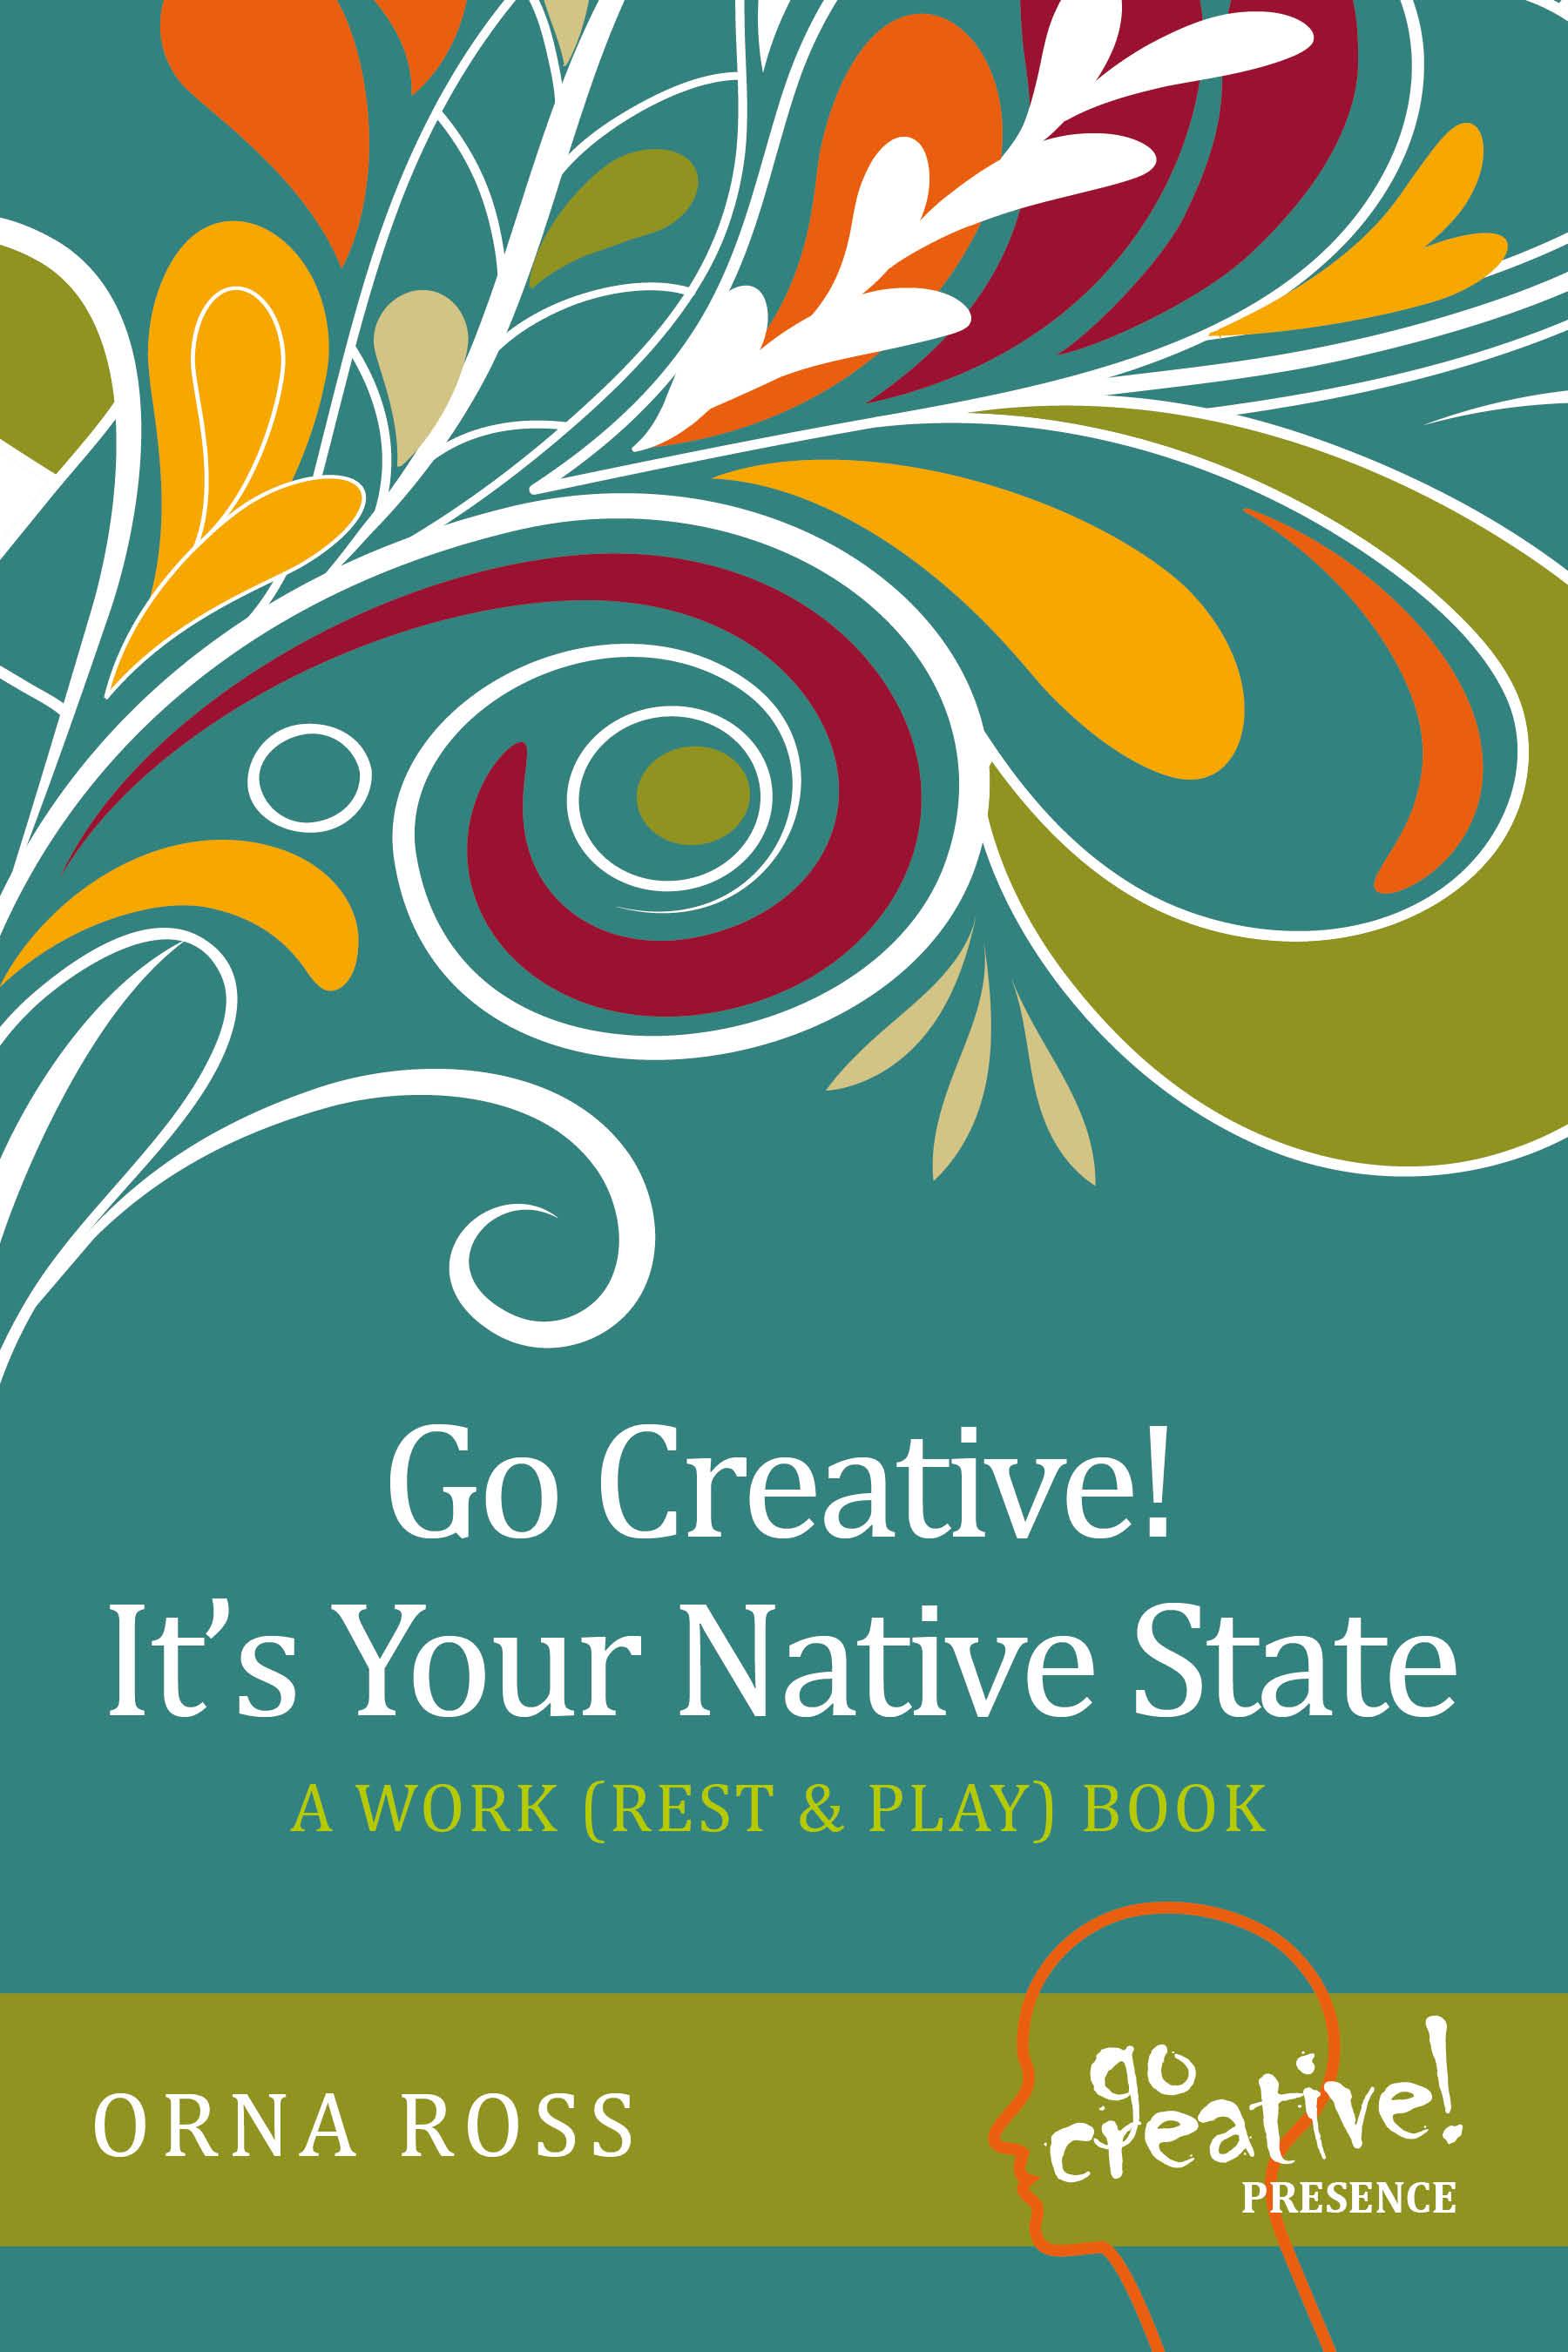 Go Creative! Work-Rest-Playbook